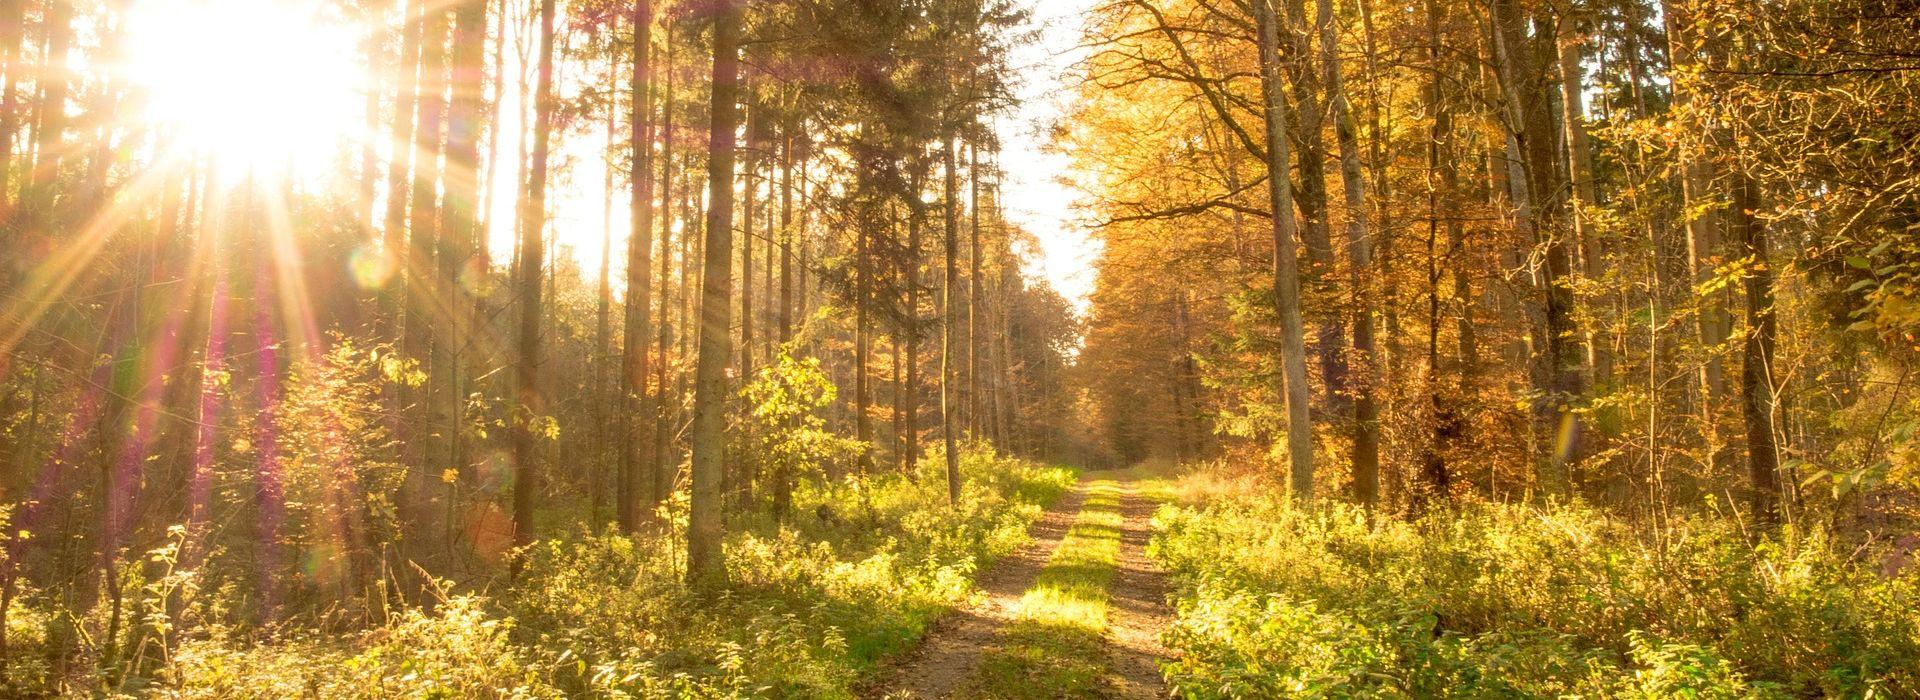 Waldweg mit Sonne 1920x700